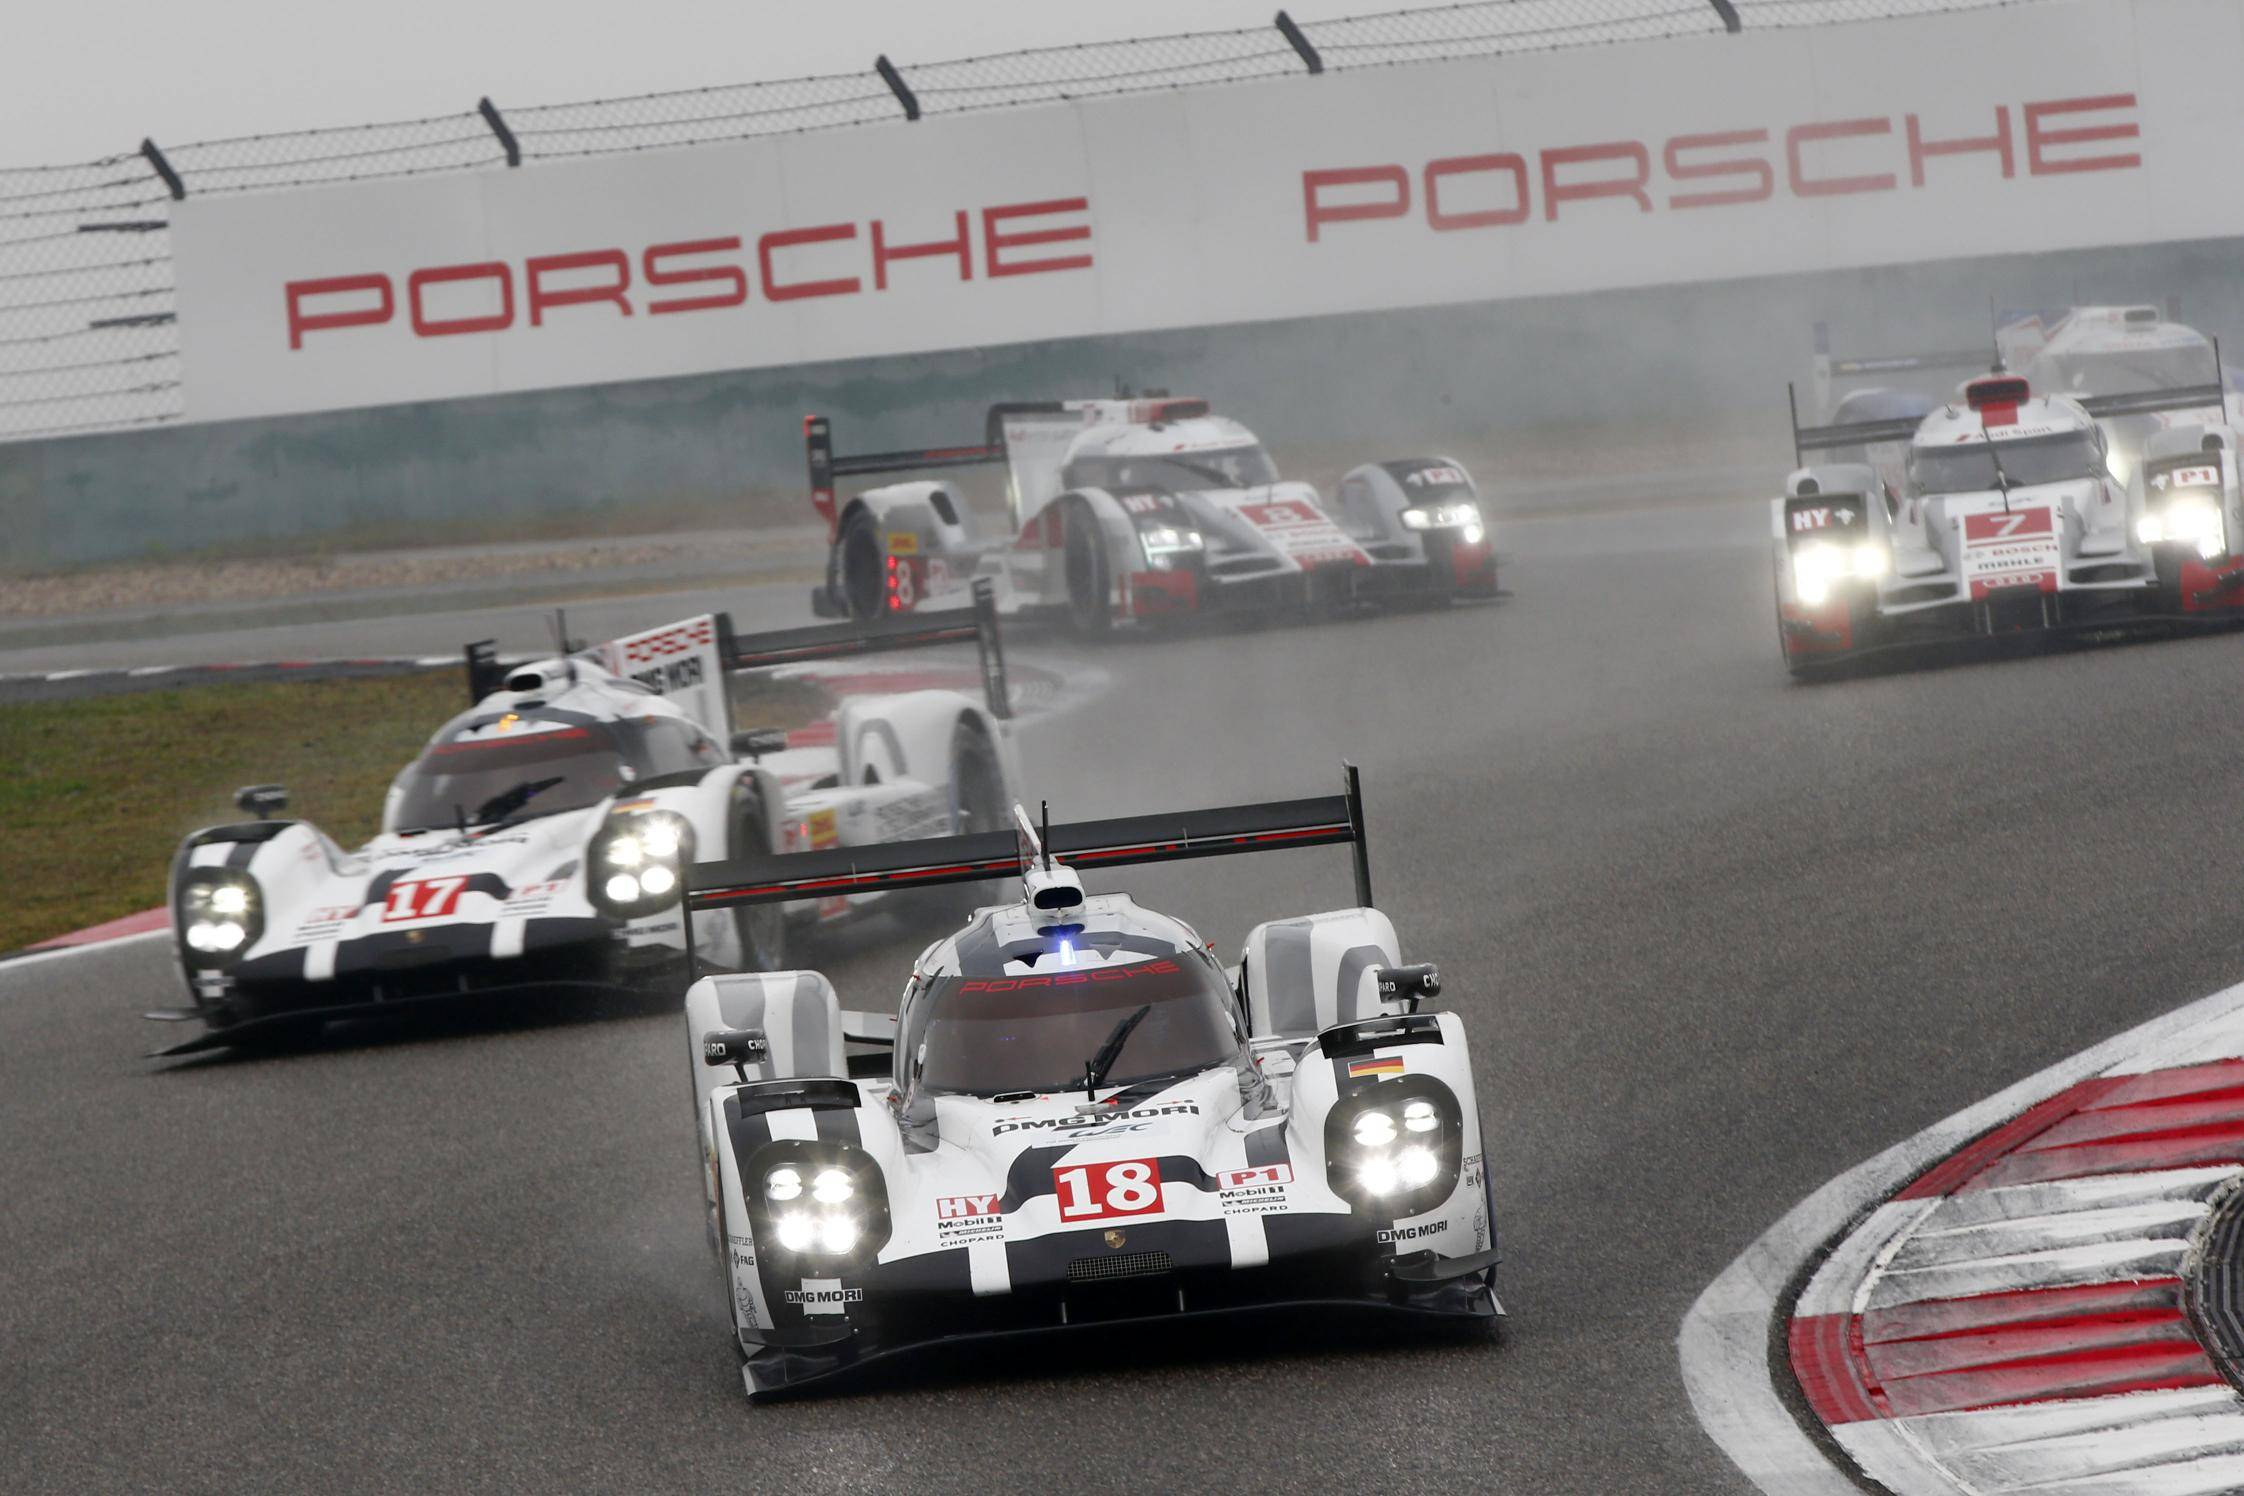 Porsche 919 Hybrid LMP1 winner 2015 WEC Manufacturers' Championship